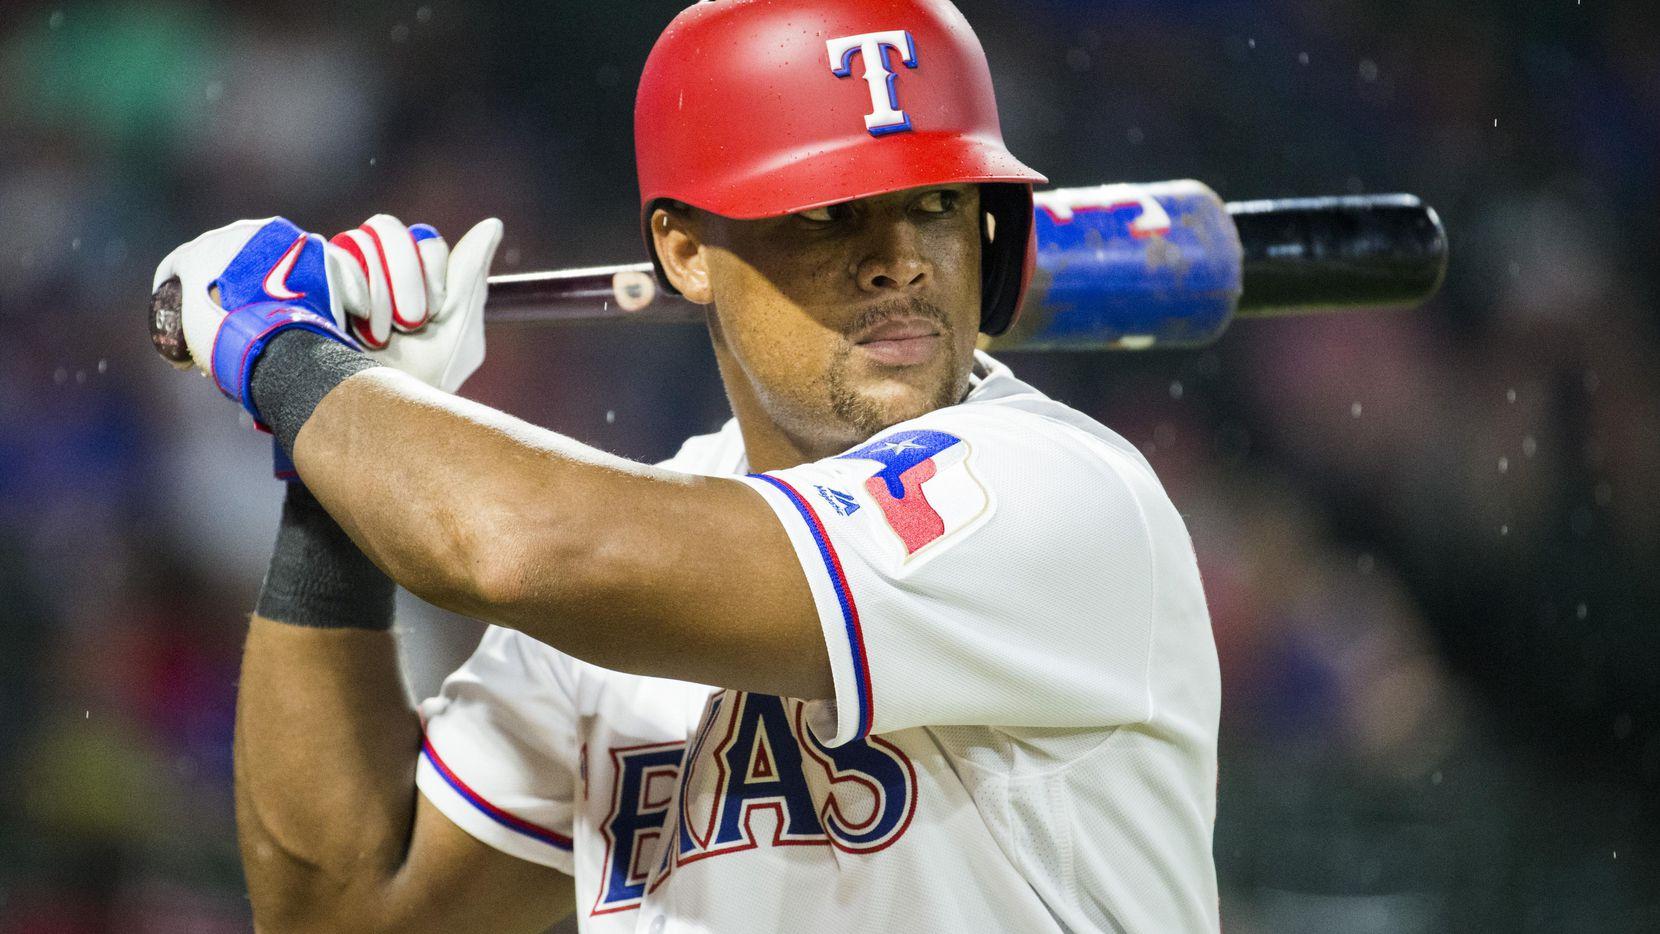 El pelotero dominicano Adrián Beltré y los Texas Rangers no enfrentarán a los Reds el martes, por mal clima. (DMN/Ashley Landis)